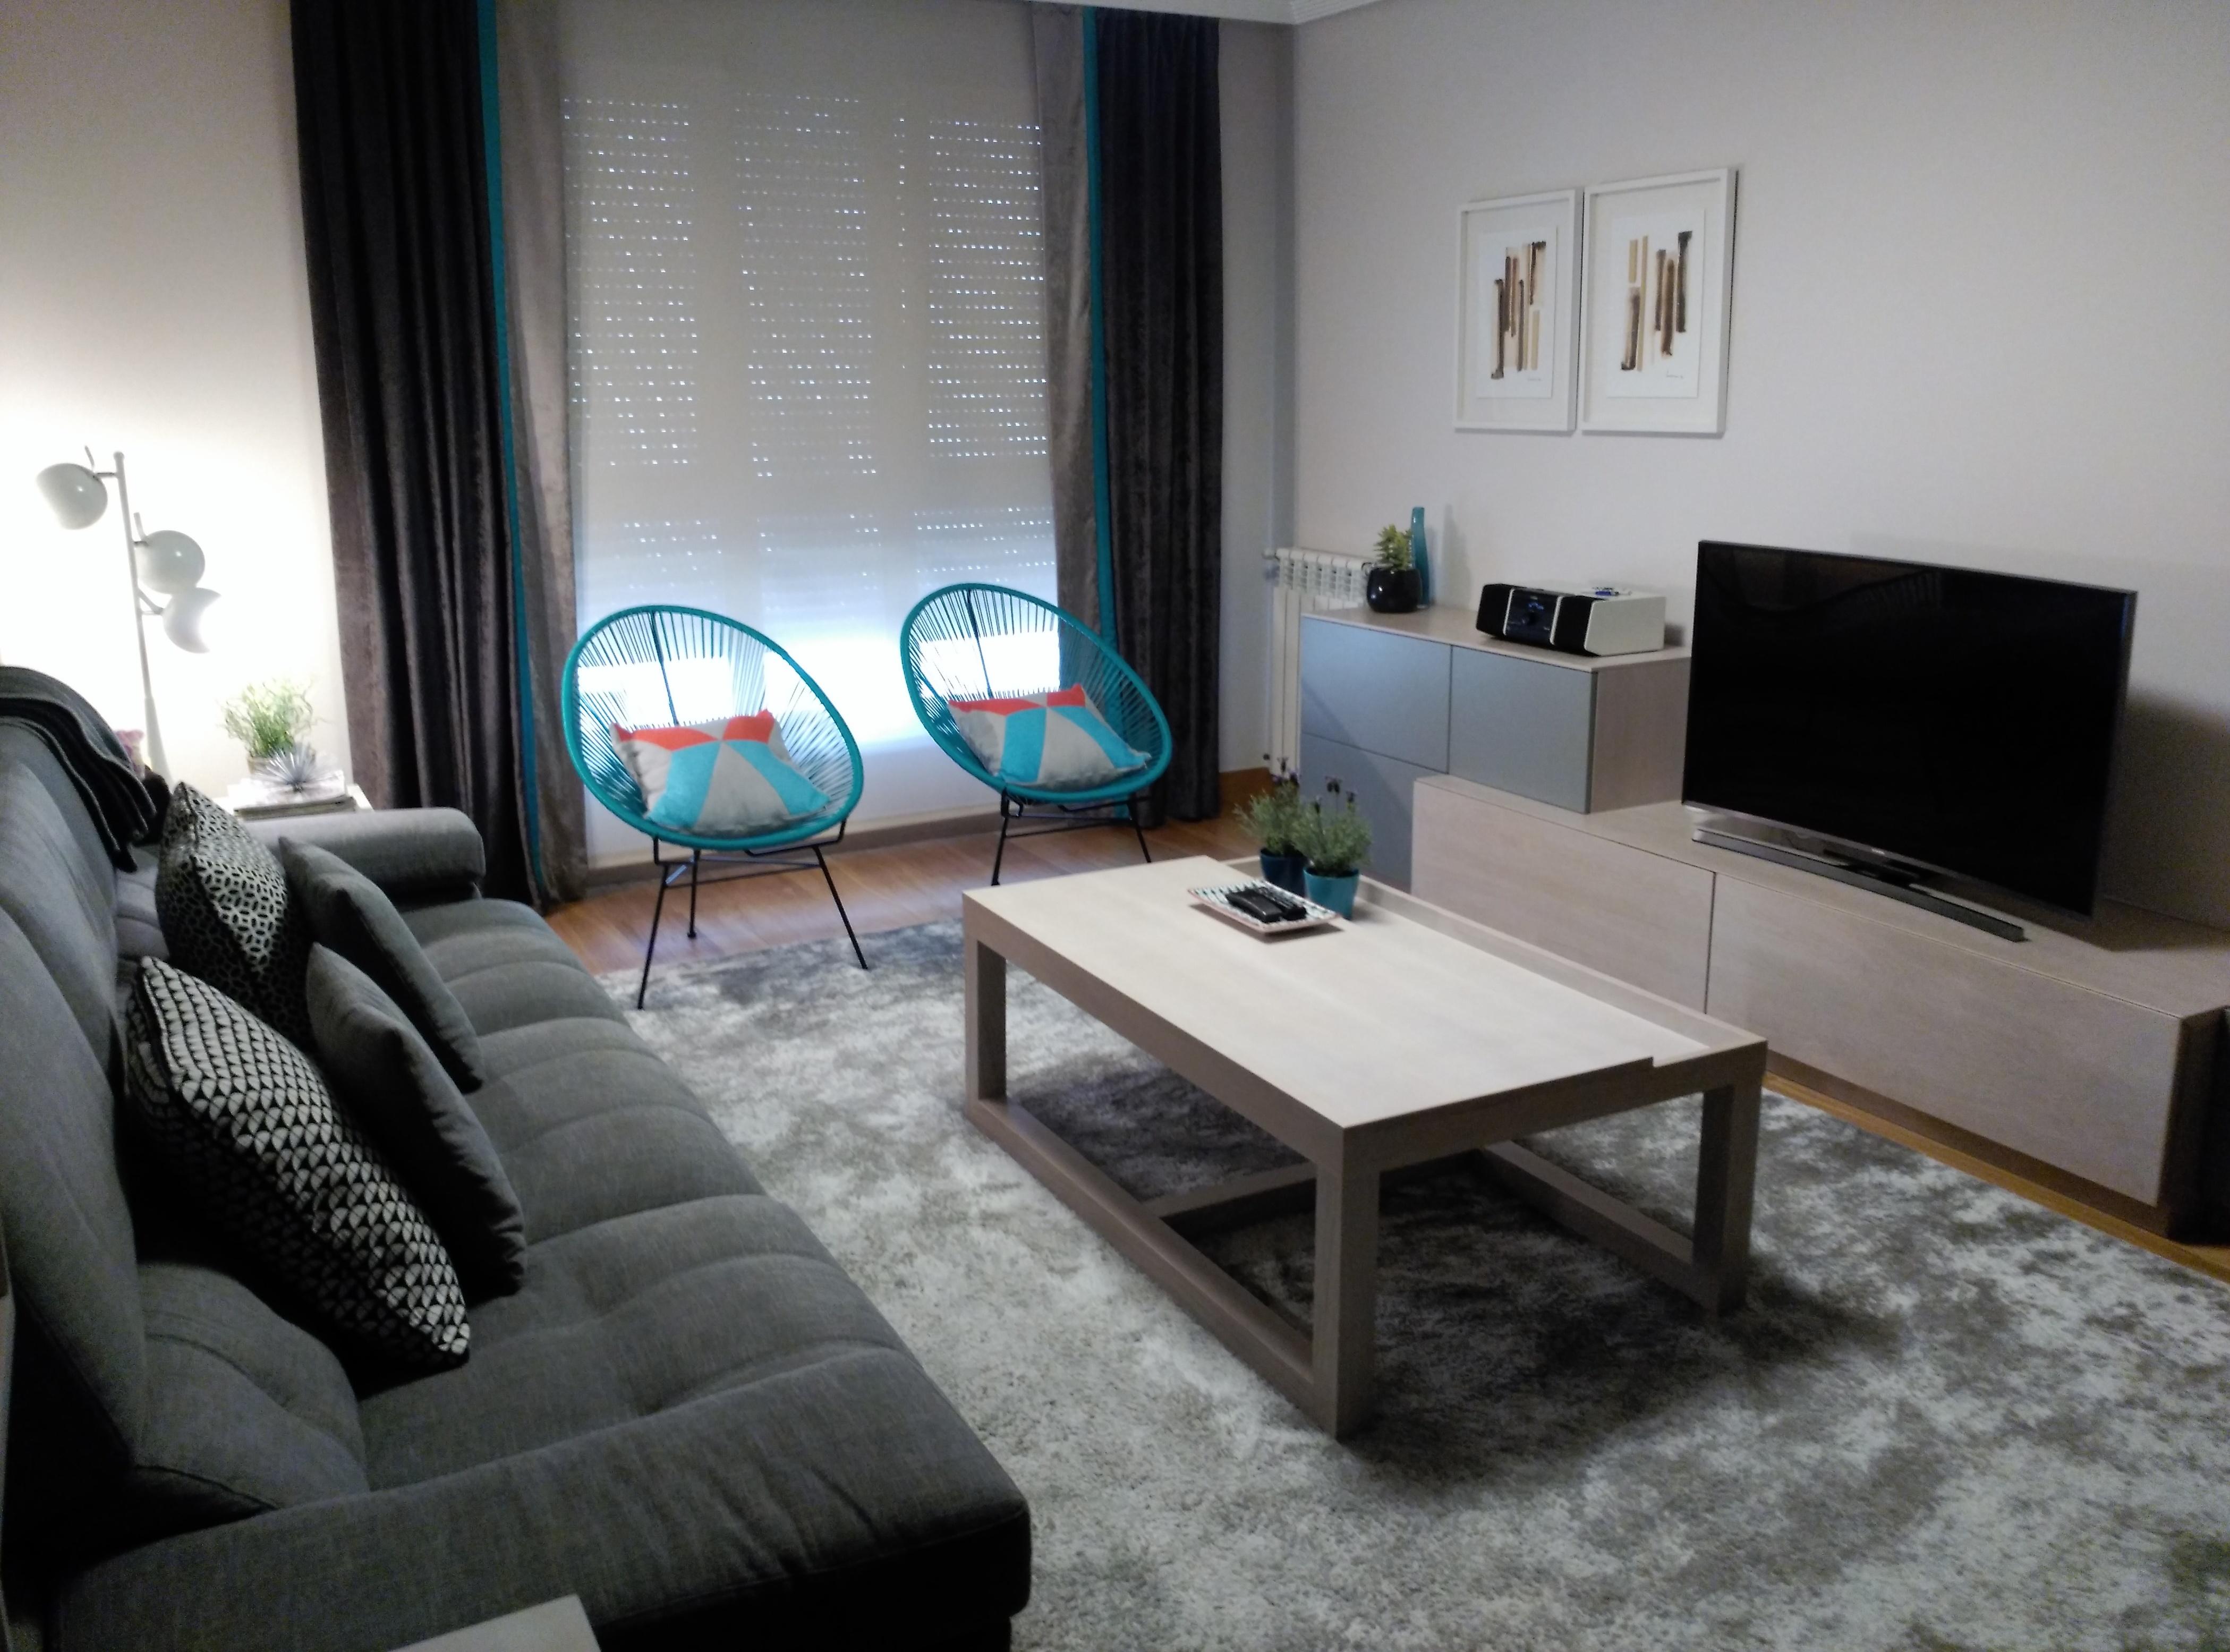 Decoración de salón con un estilo muy actual.